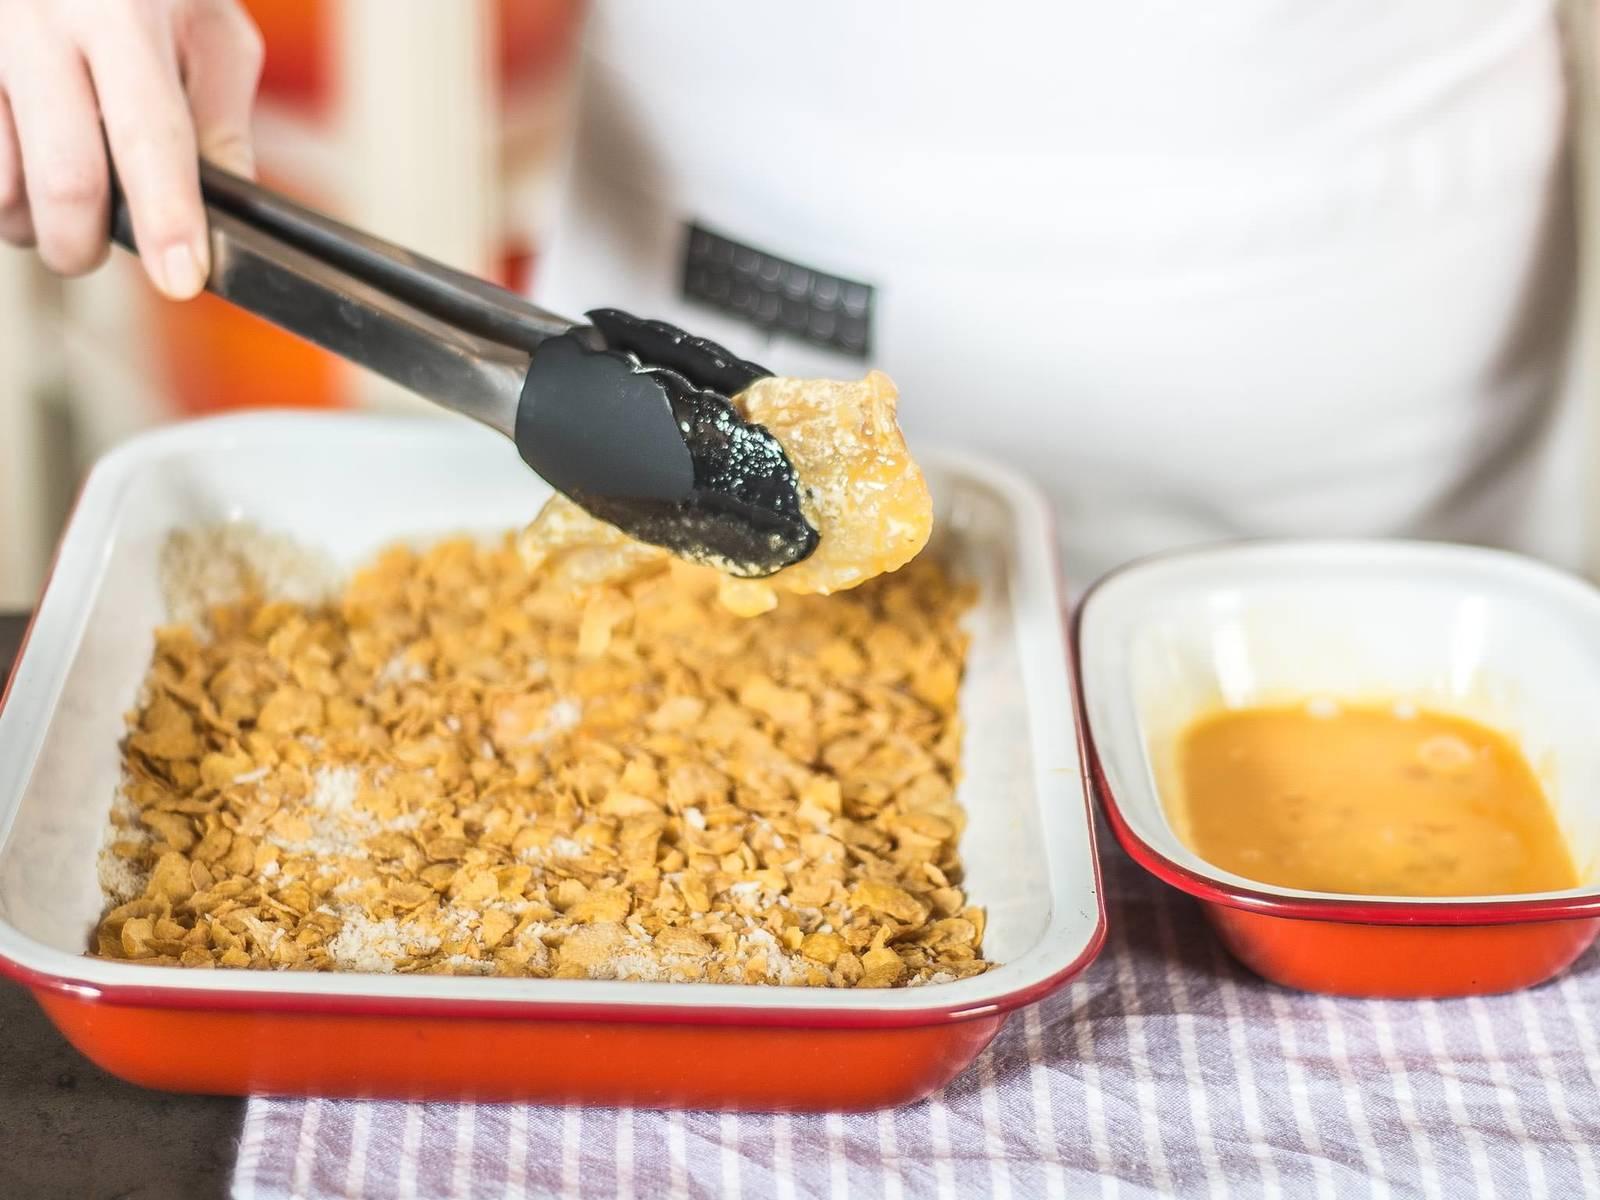 Kabeljau salzen, pfeffern und jeweils durch die drei Schüsseln ziehen. Zuerst durch das Mehl, dann durch das Ei und zum Schluss durch das Panko-Cornflakes-Mehl.